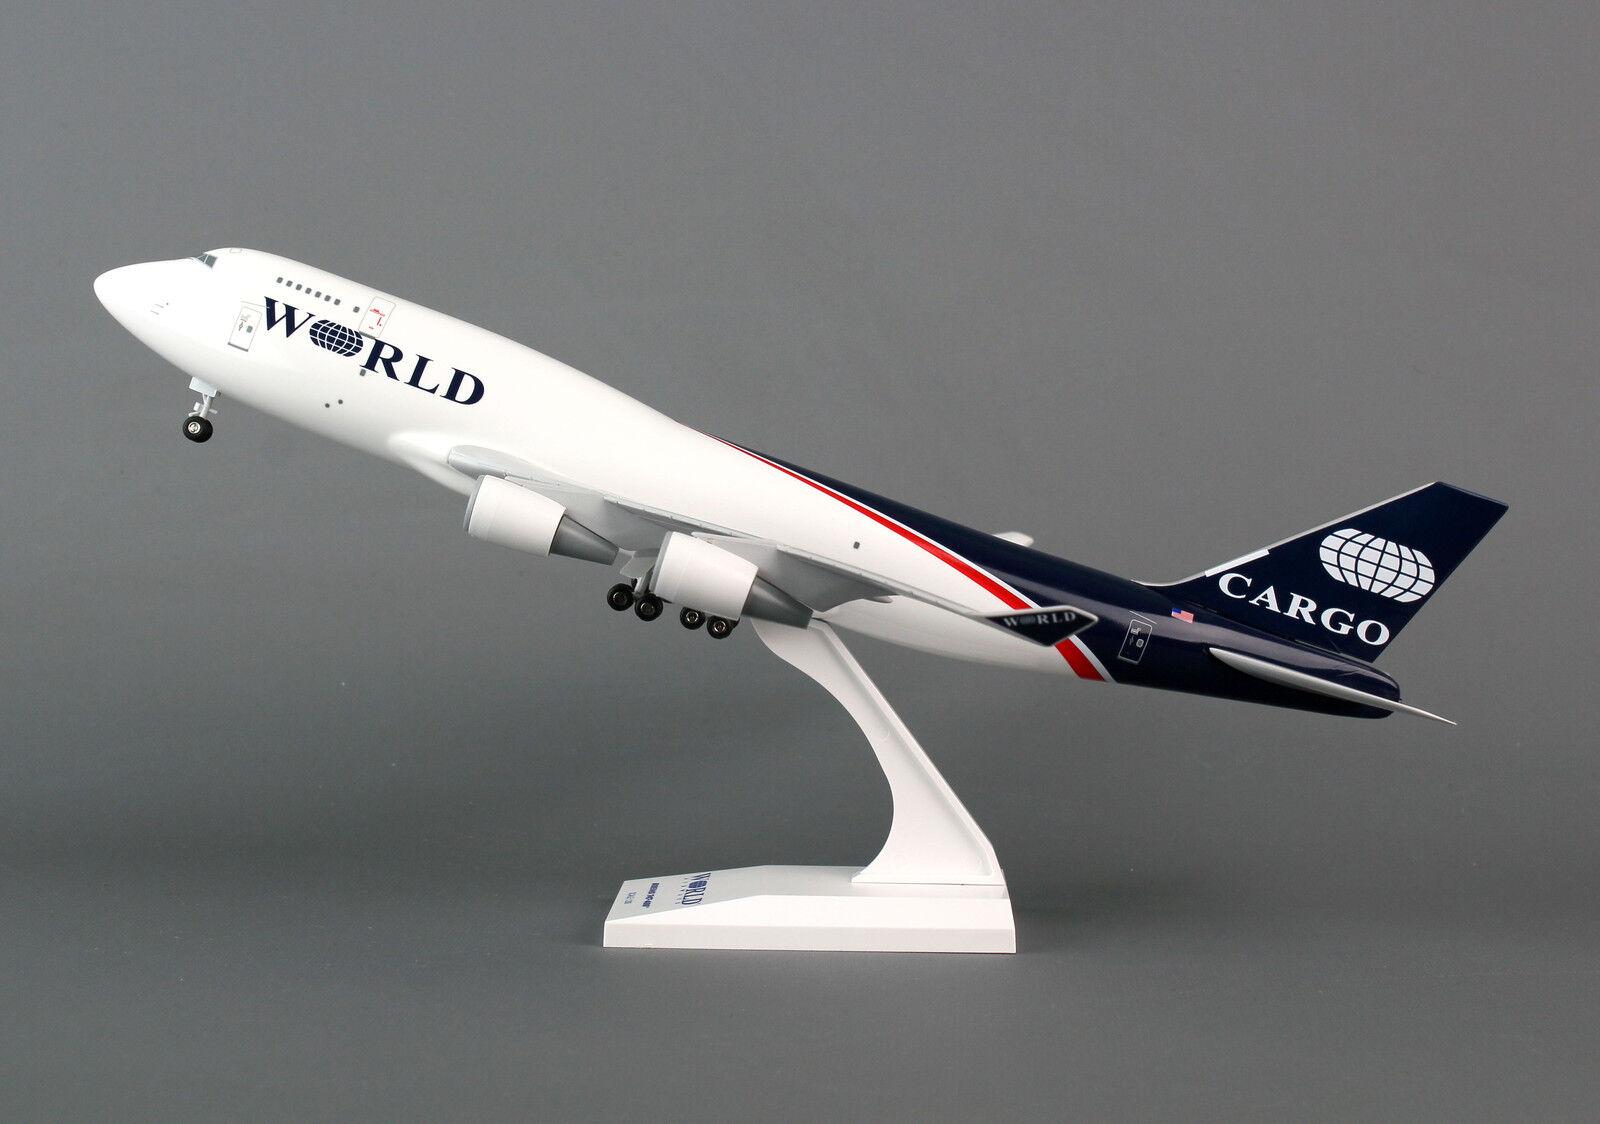 SkyMarks World World World Airways Boeing 747-400BCF SKR732 1 200  W GEAR, New 922288